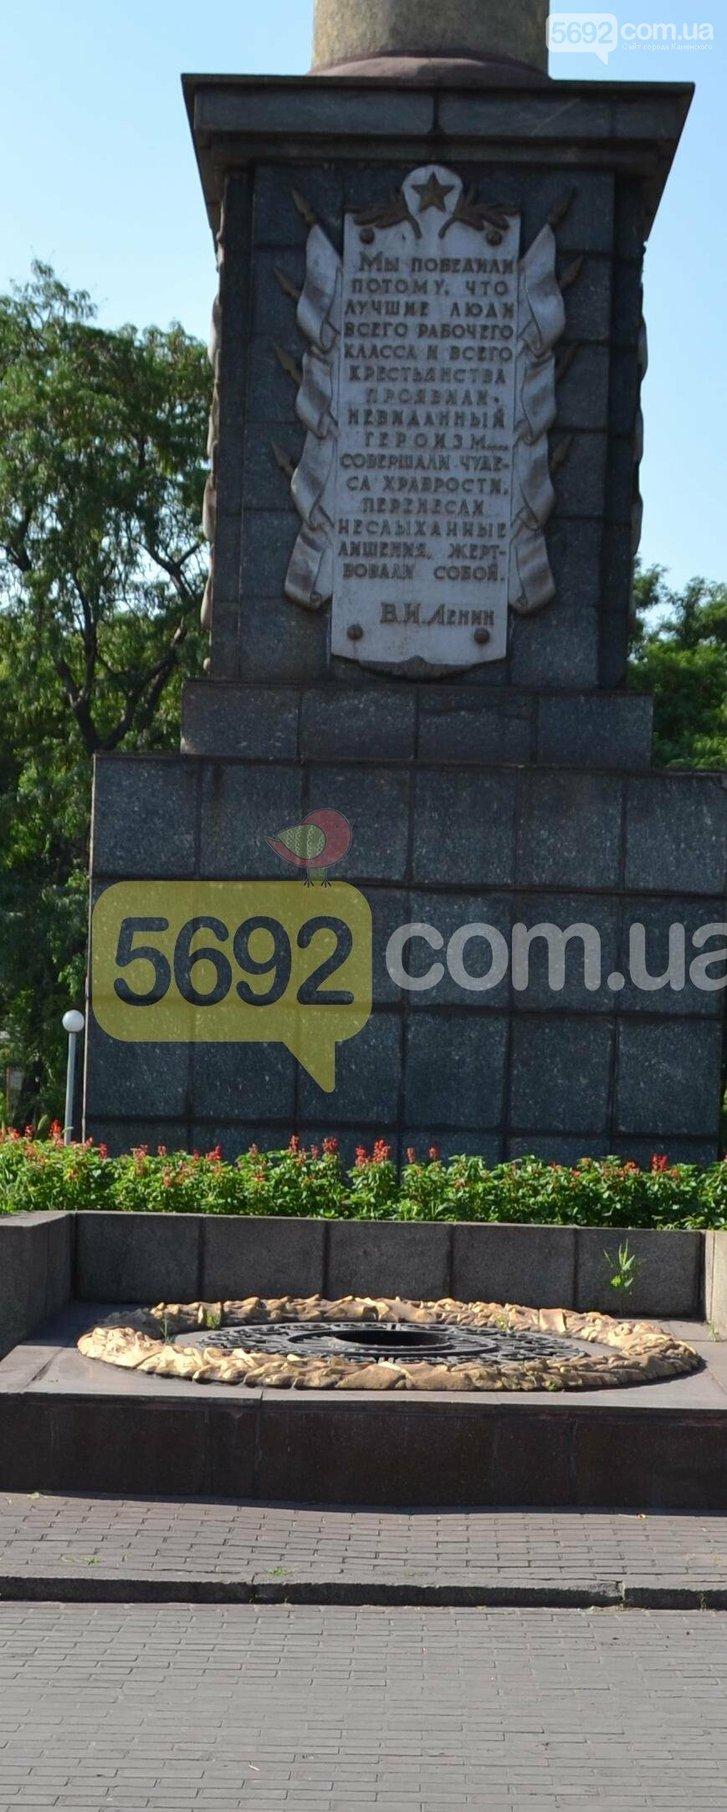 У Кам'янському вирішують чи буде у місті пам'ятник автору логотипу Lufthansa та емблеми ОУН_1